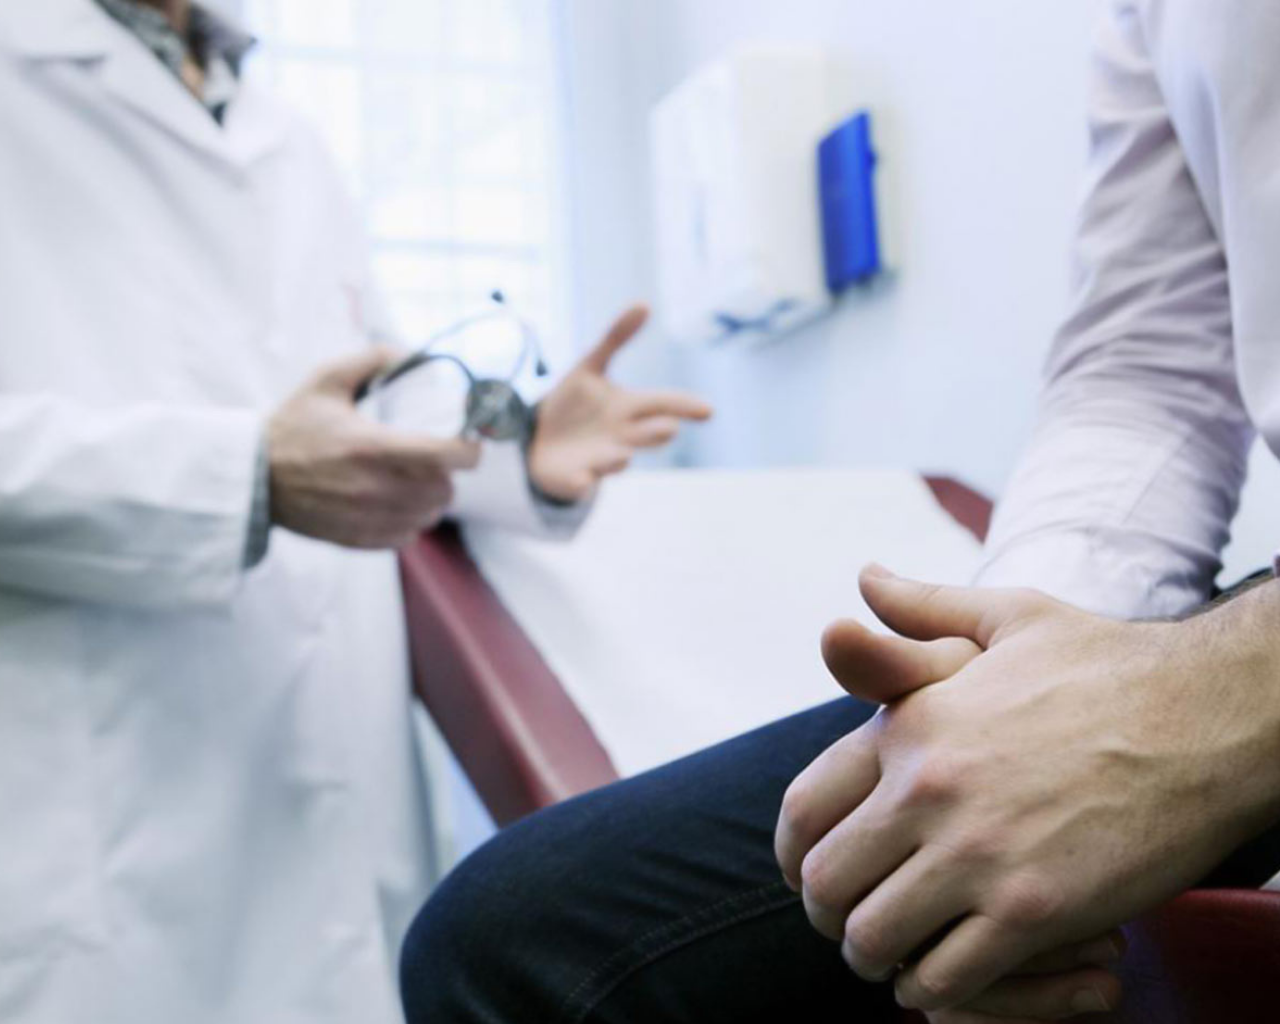 Día del Cáncer de Próstata: Hacen llamado para realizarse examen preventivo